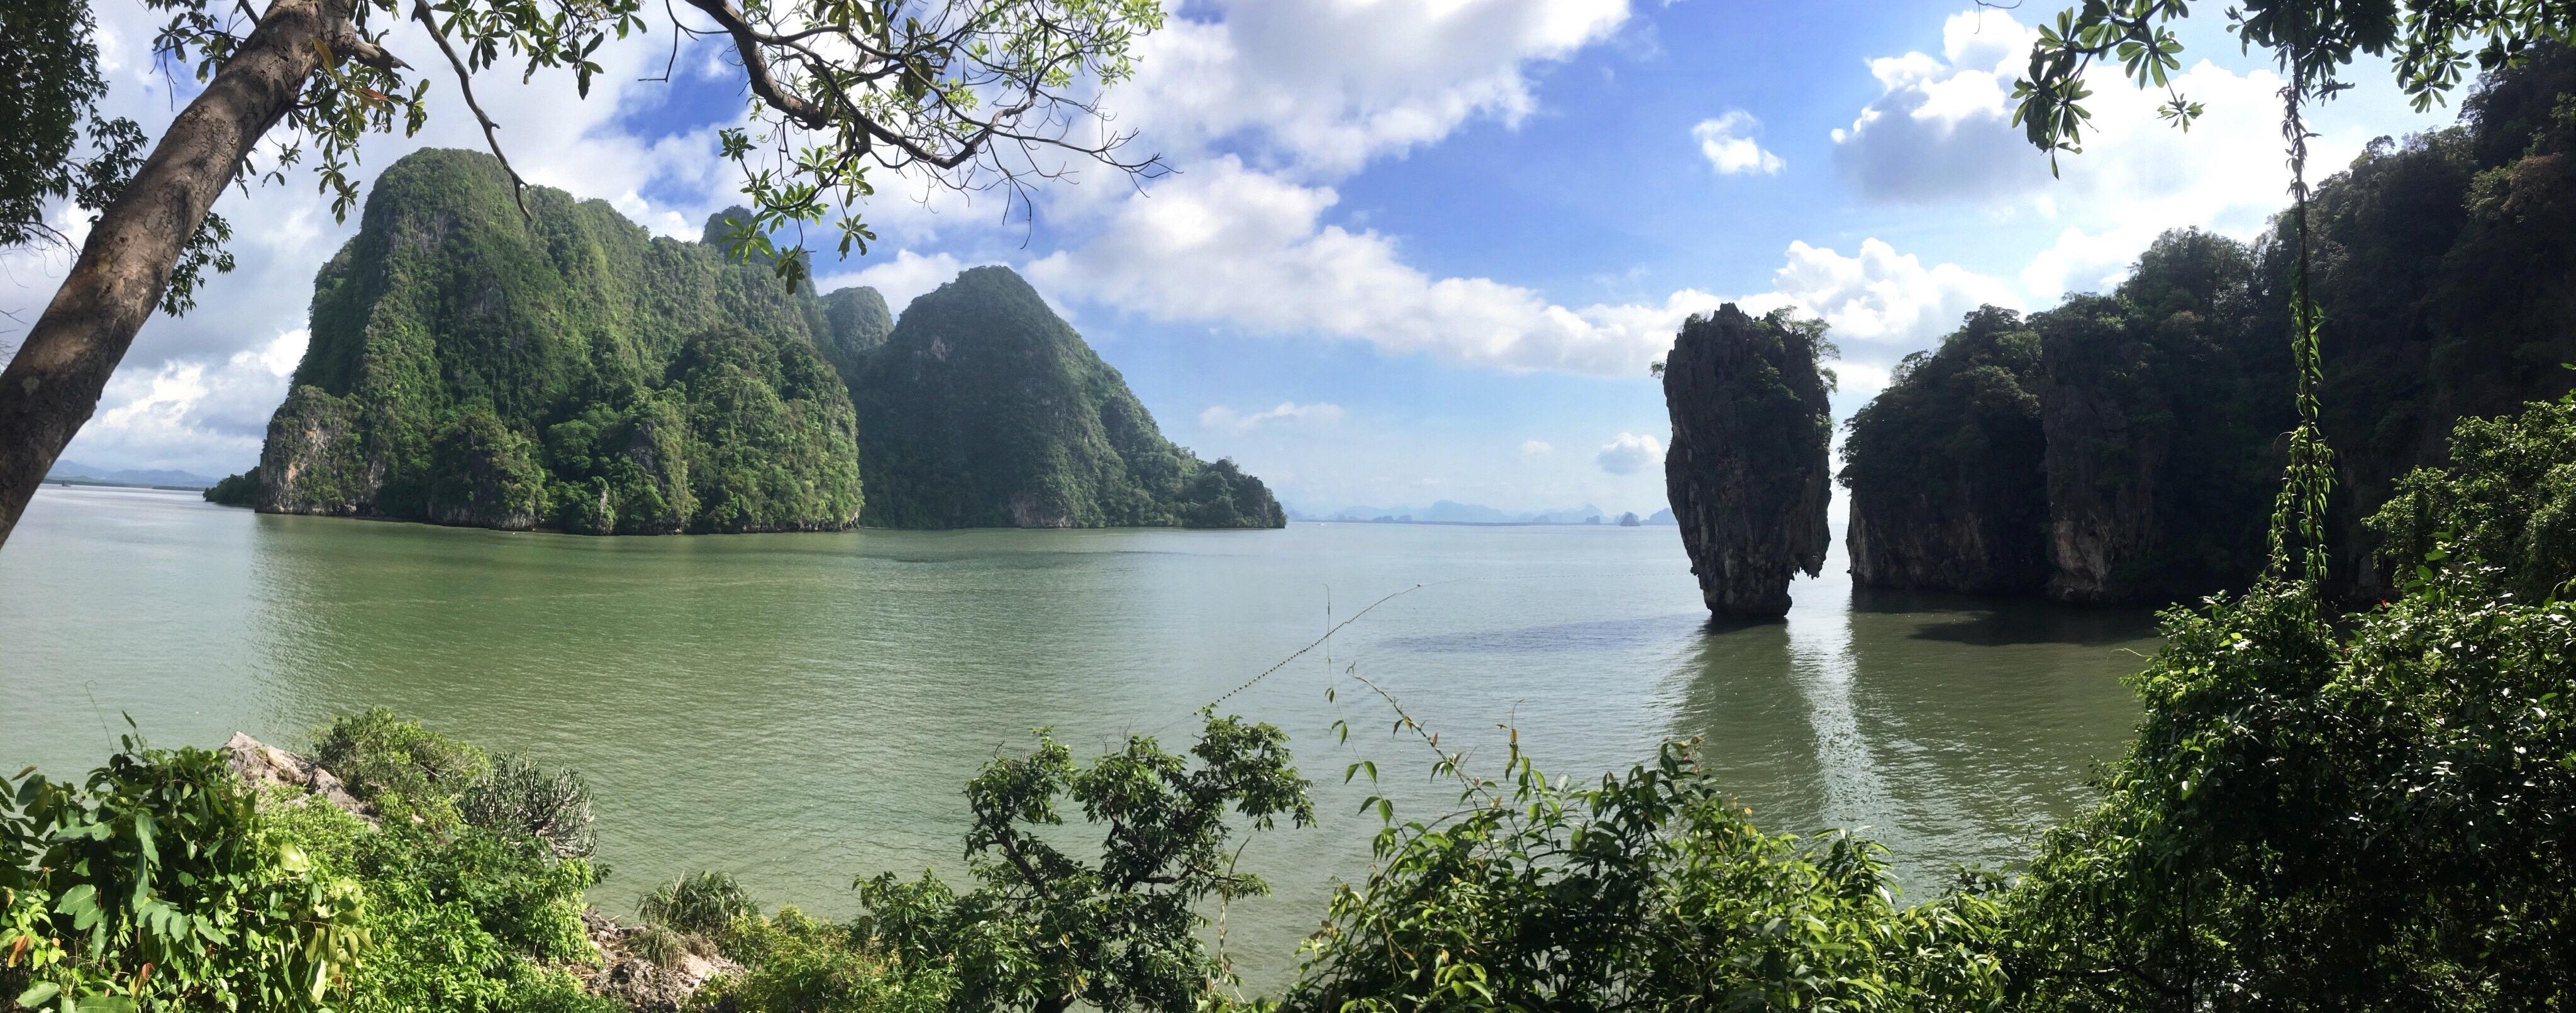 James Bond Island Phang Nga